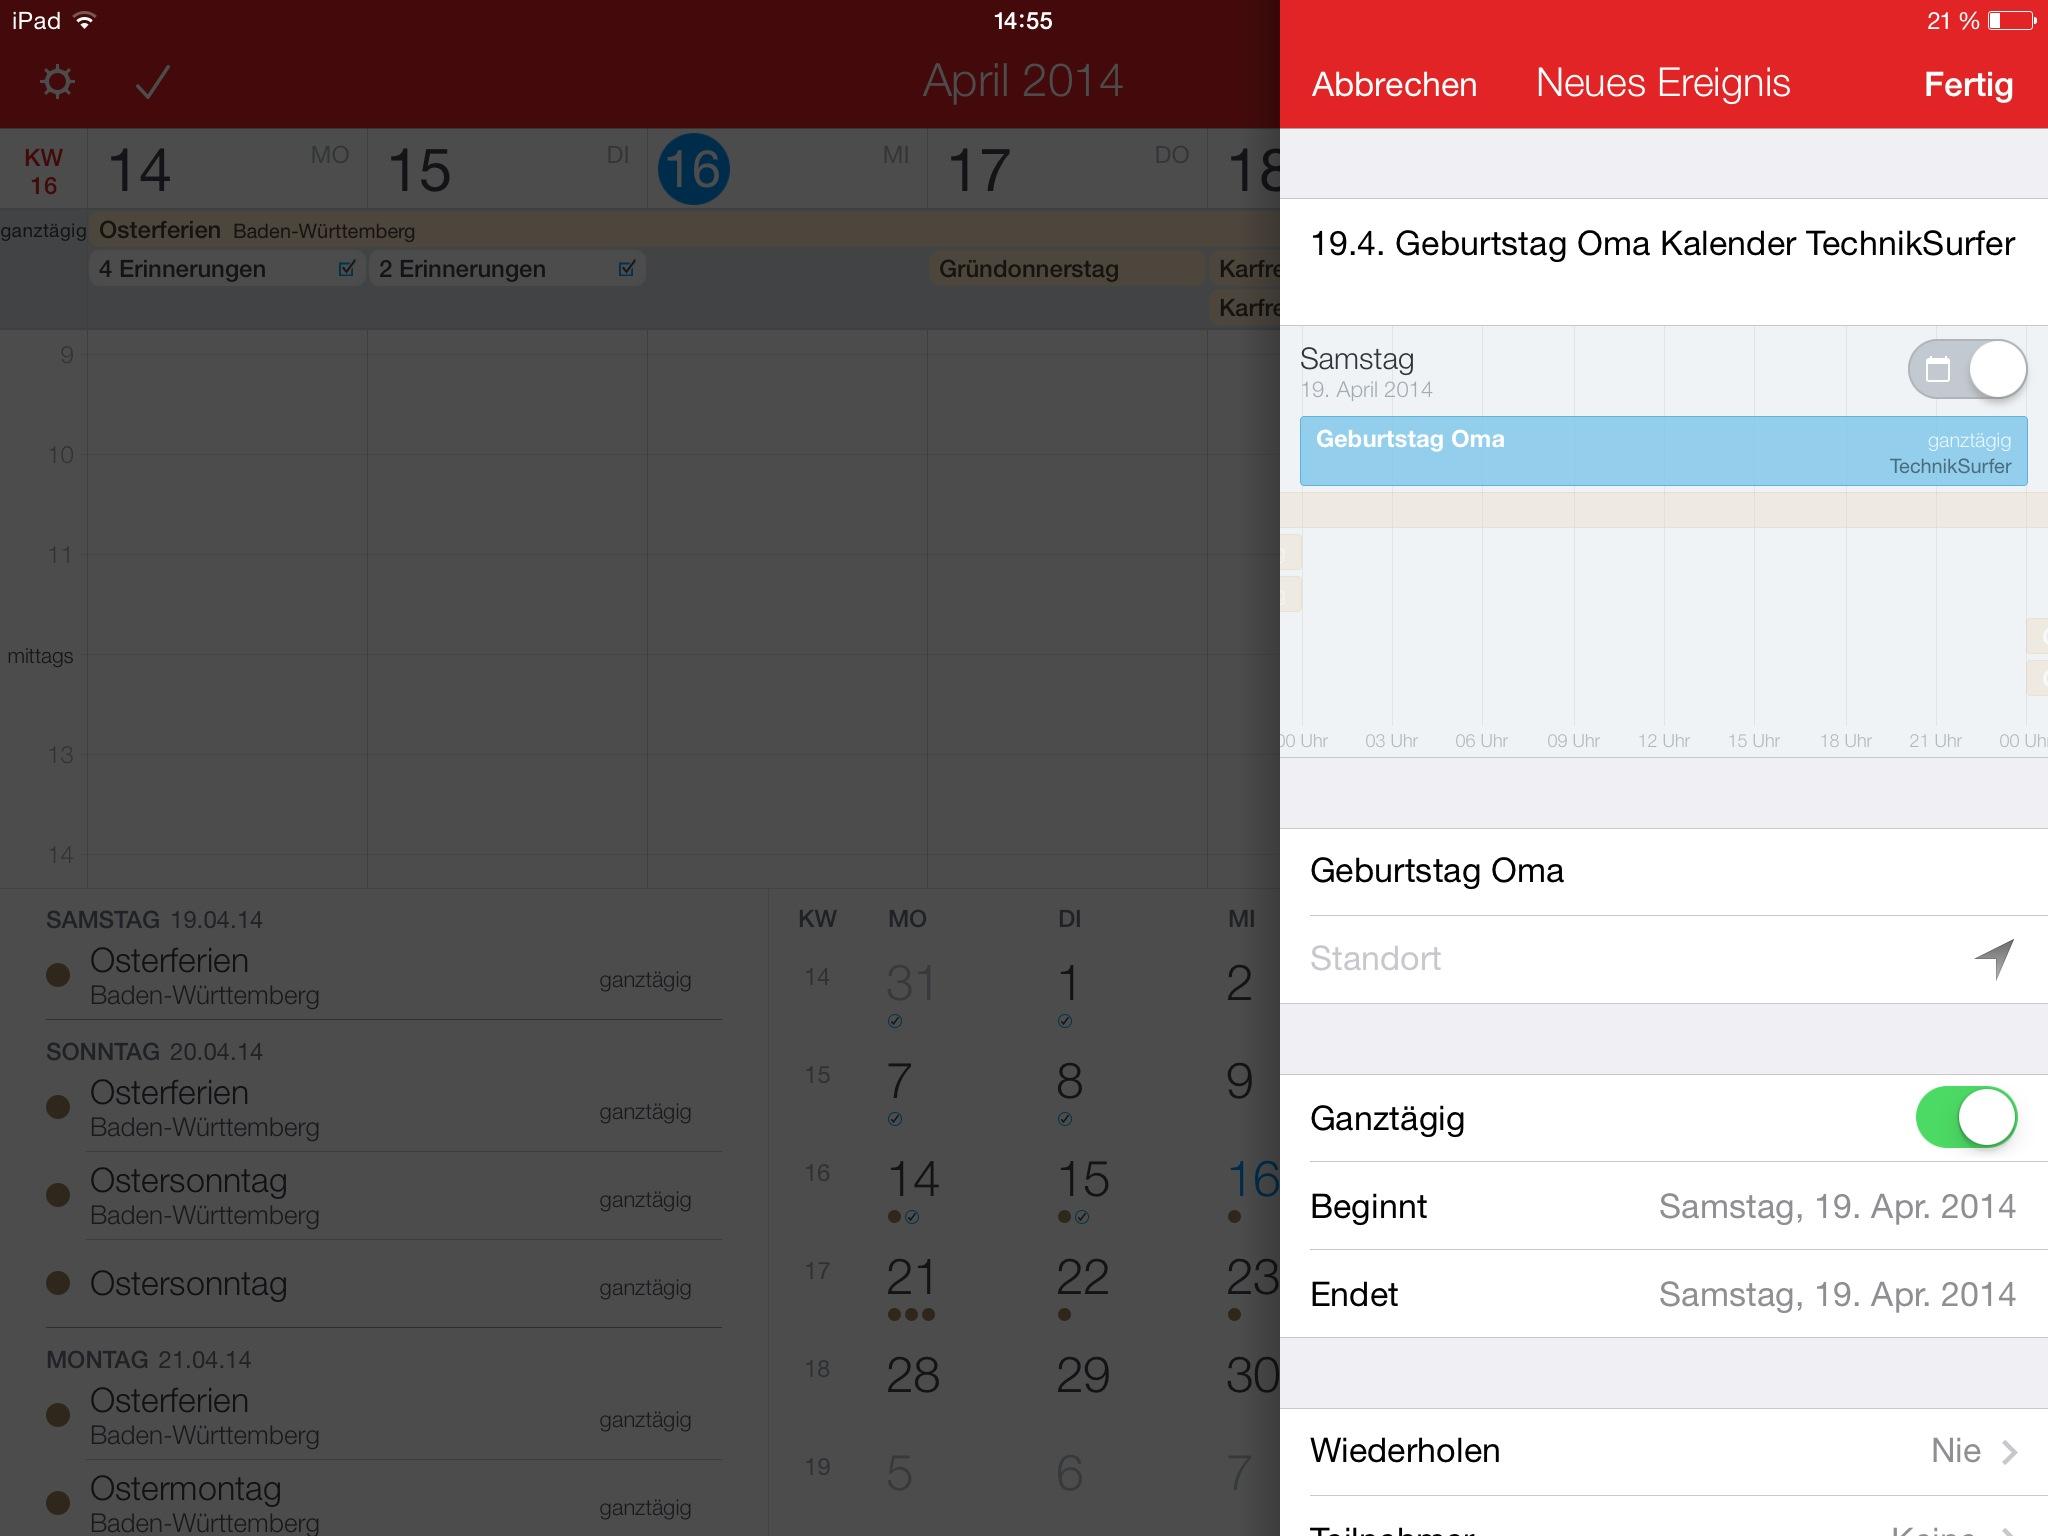 Fantastical 2 für iPad von Flexibits fantastical 2 Getestet: Fantastical 2 von Flexibits für das iPad IMG 0058